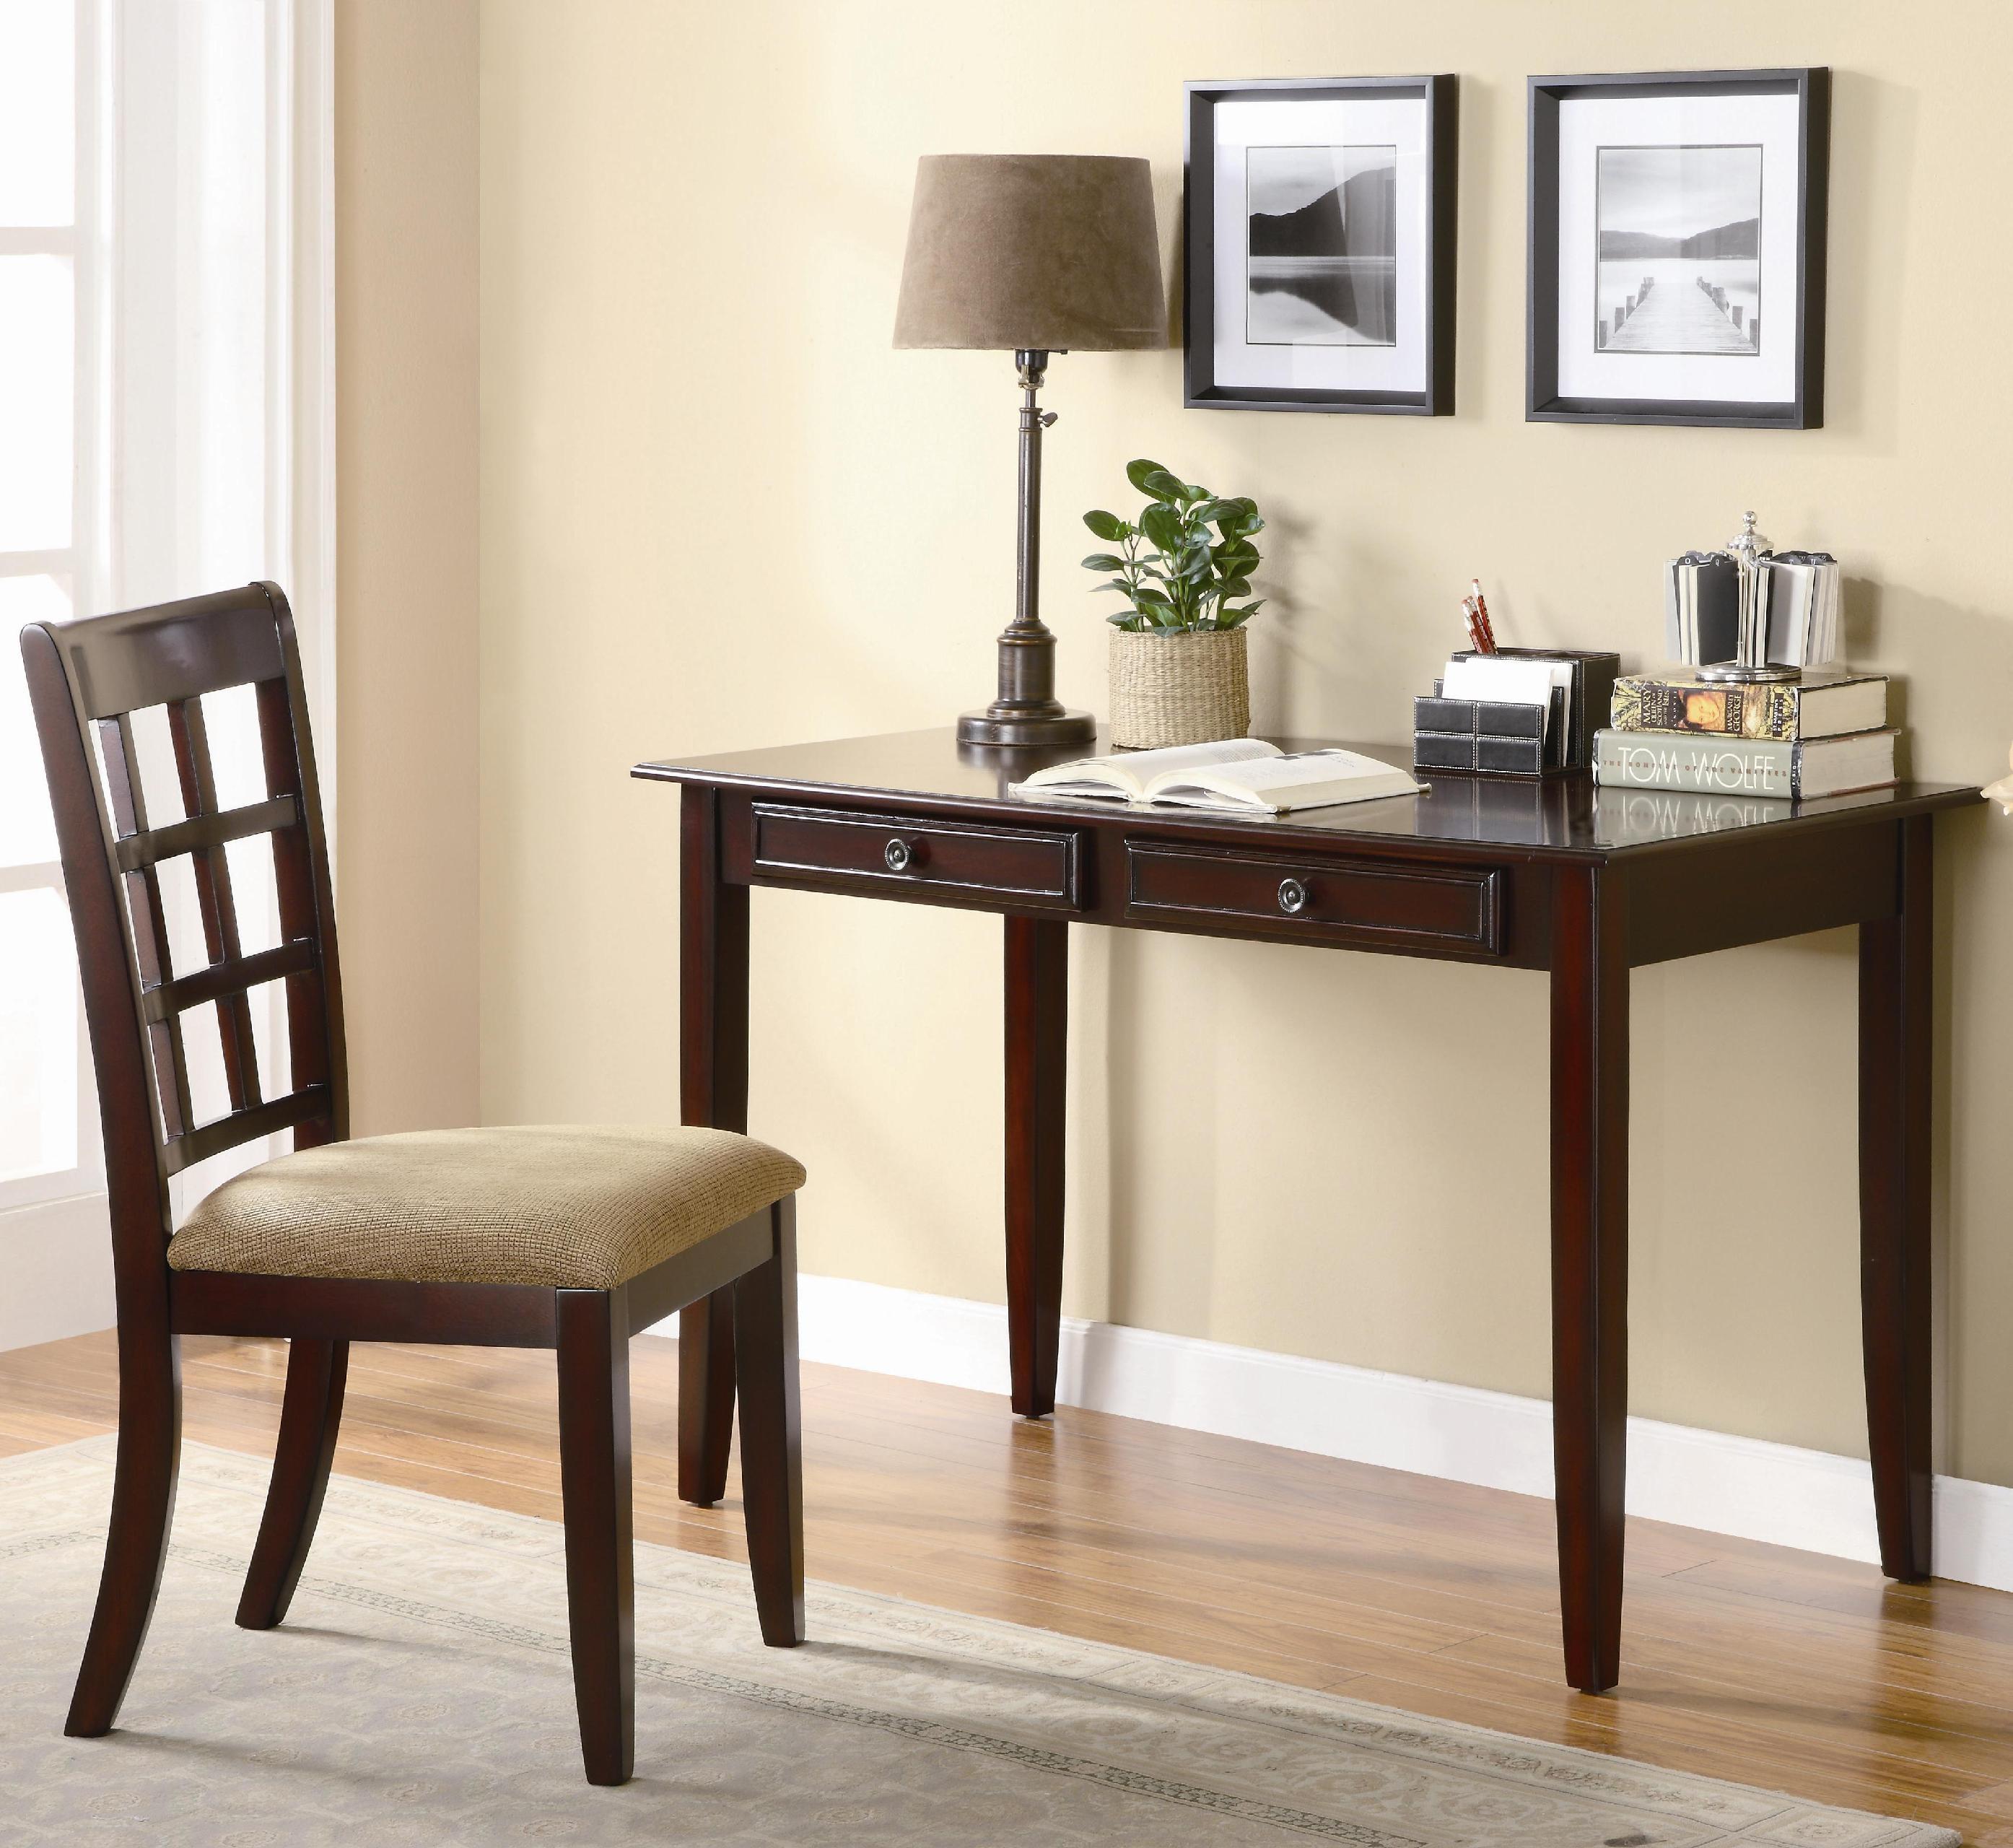 Coaster Home fice Desk Set Turner Furniture